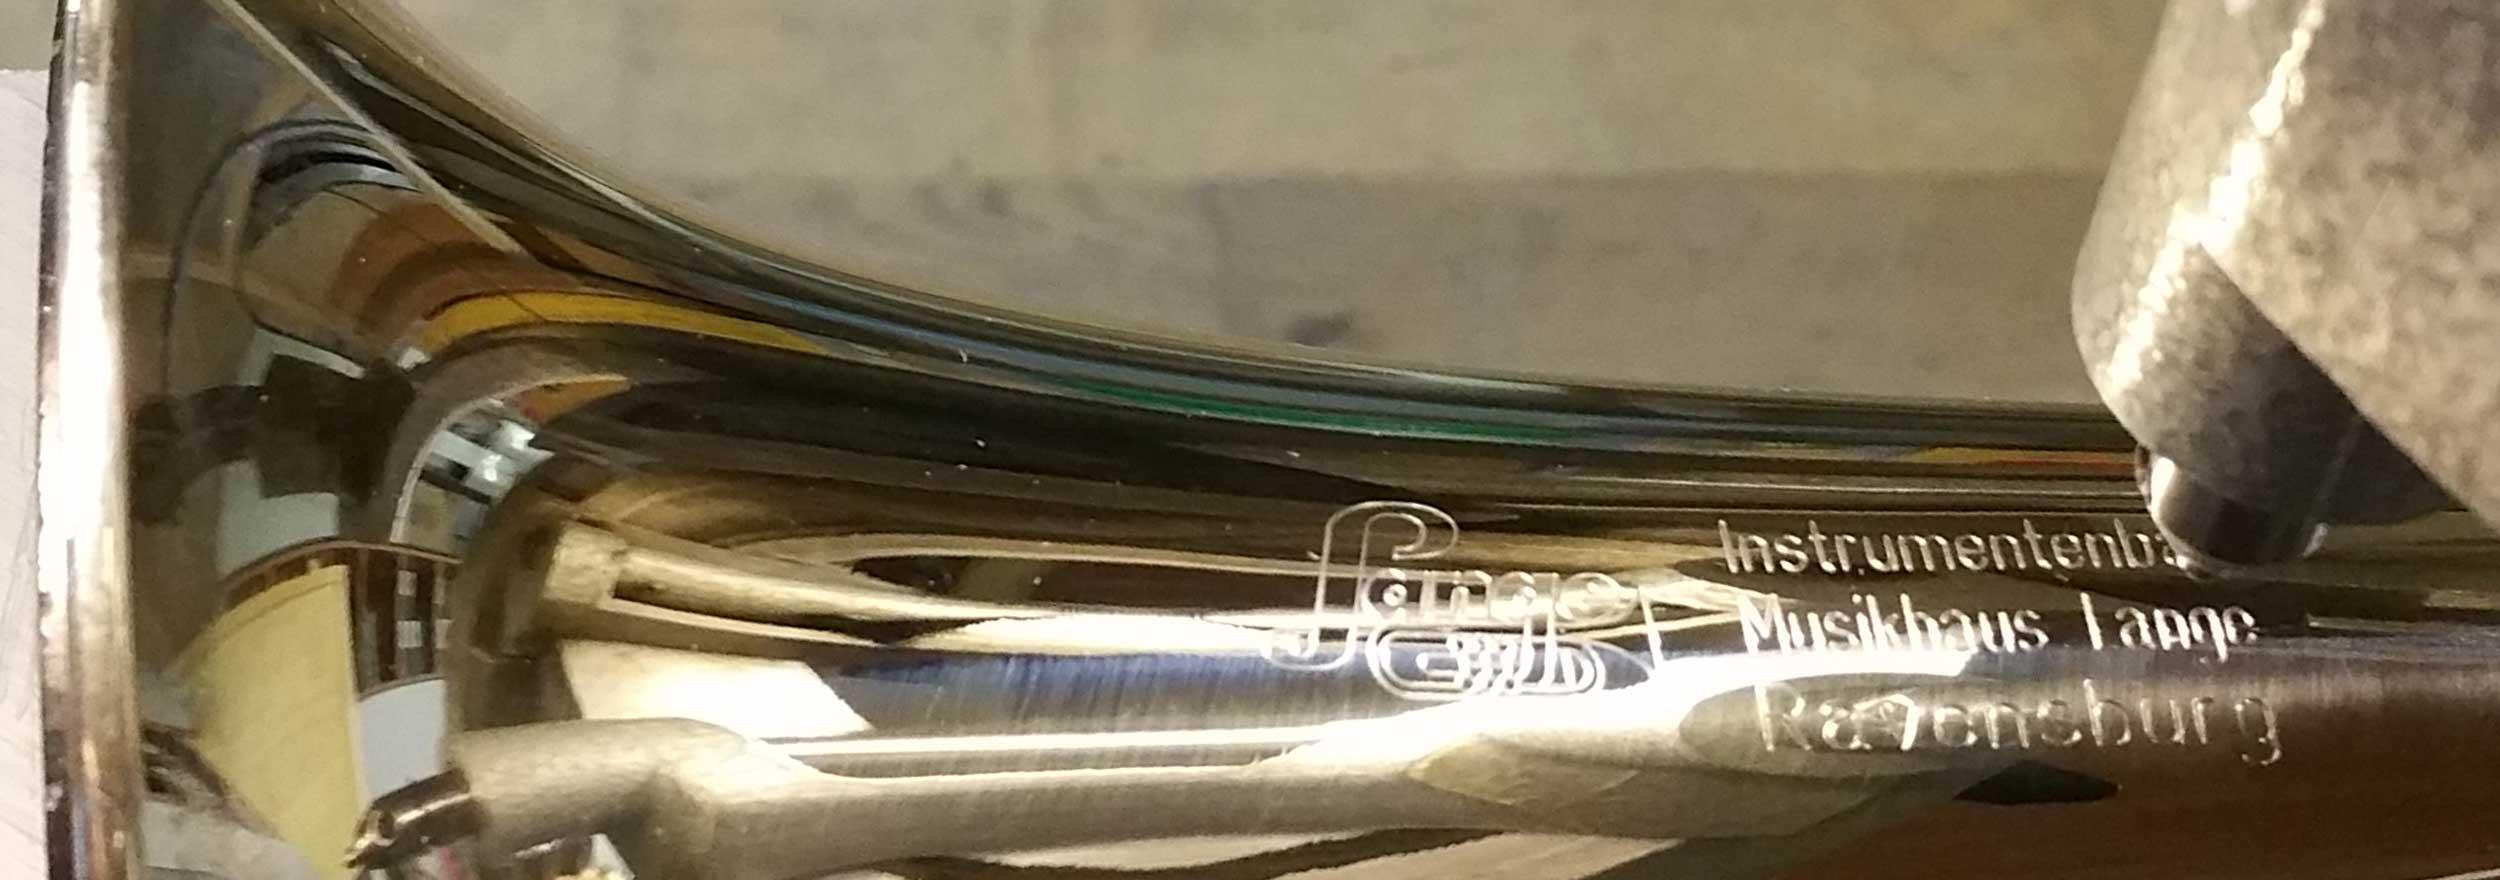 Handgravur auf Musikinstrument